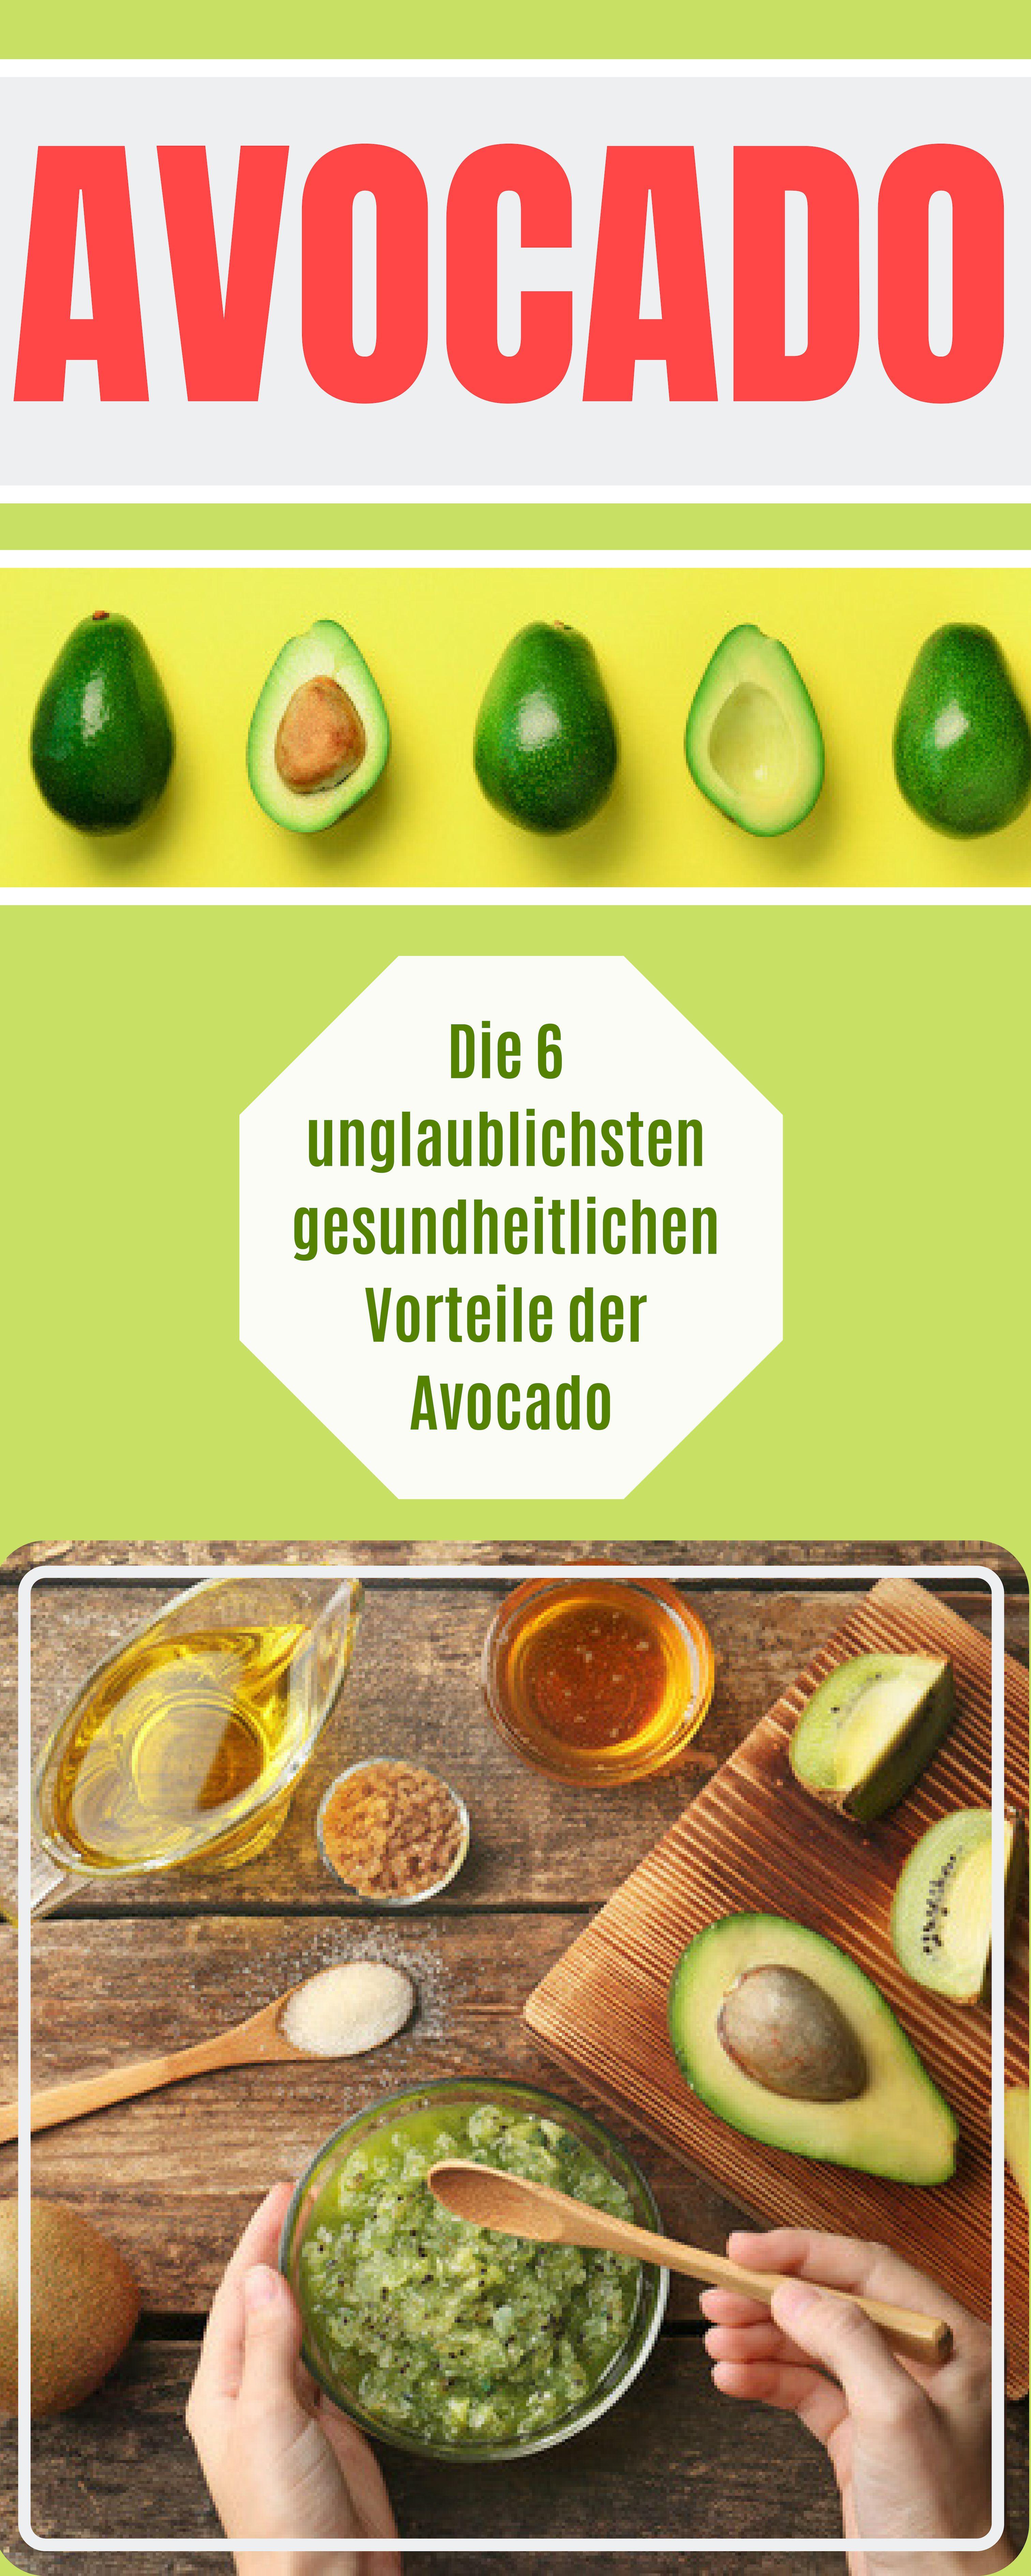 Avocado für Diäten